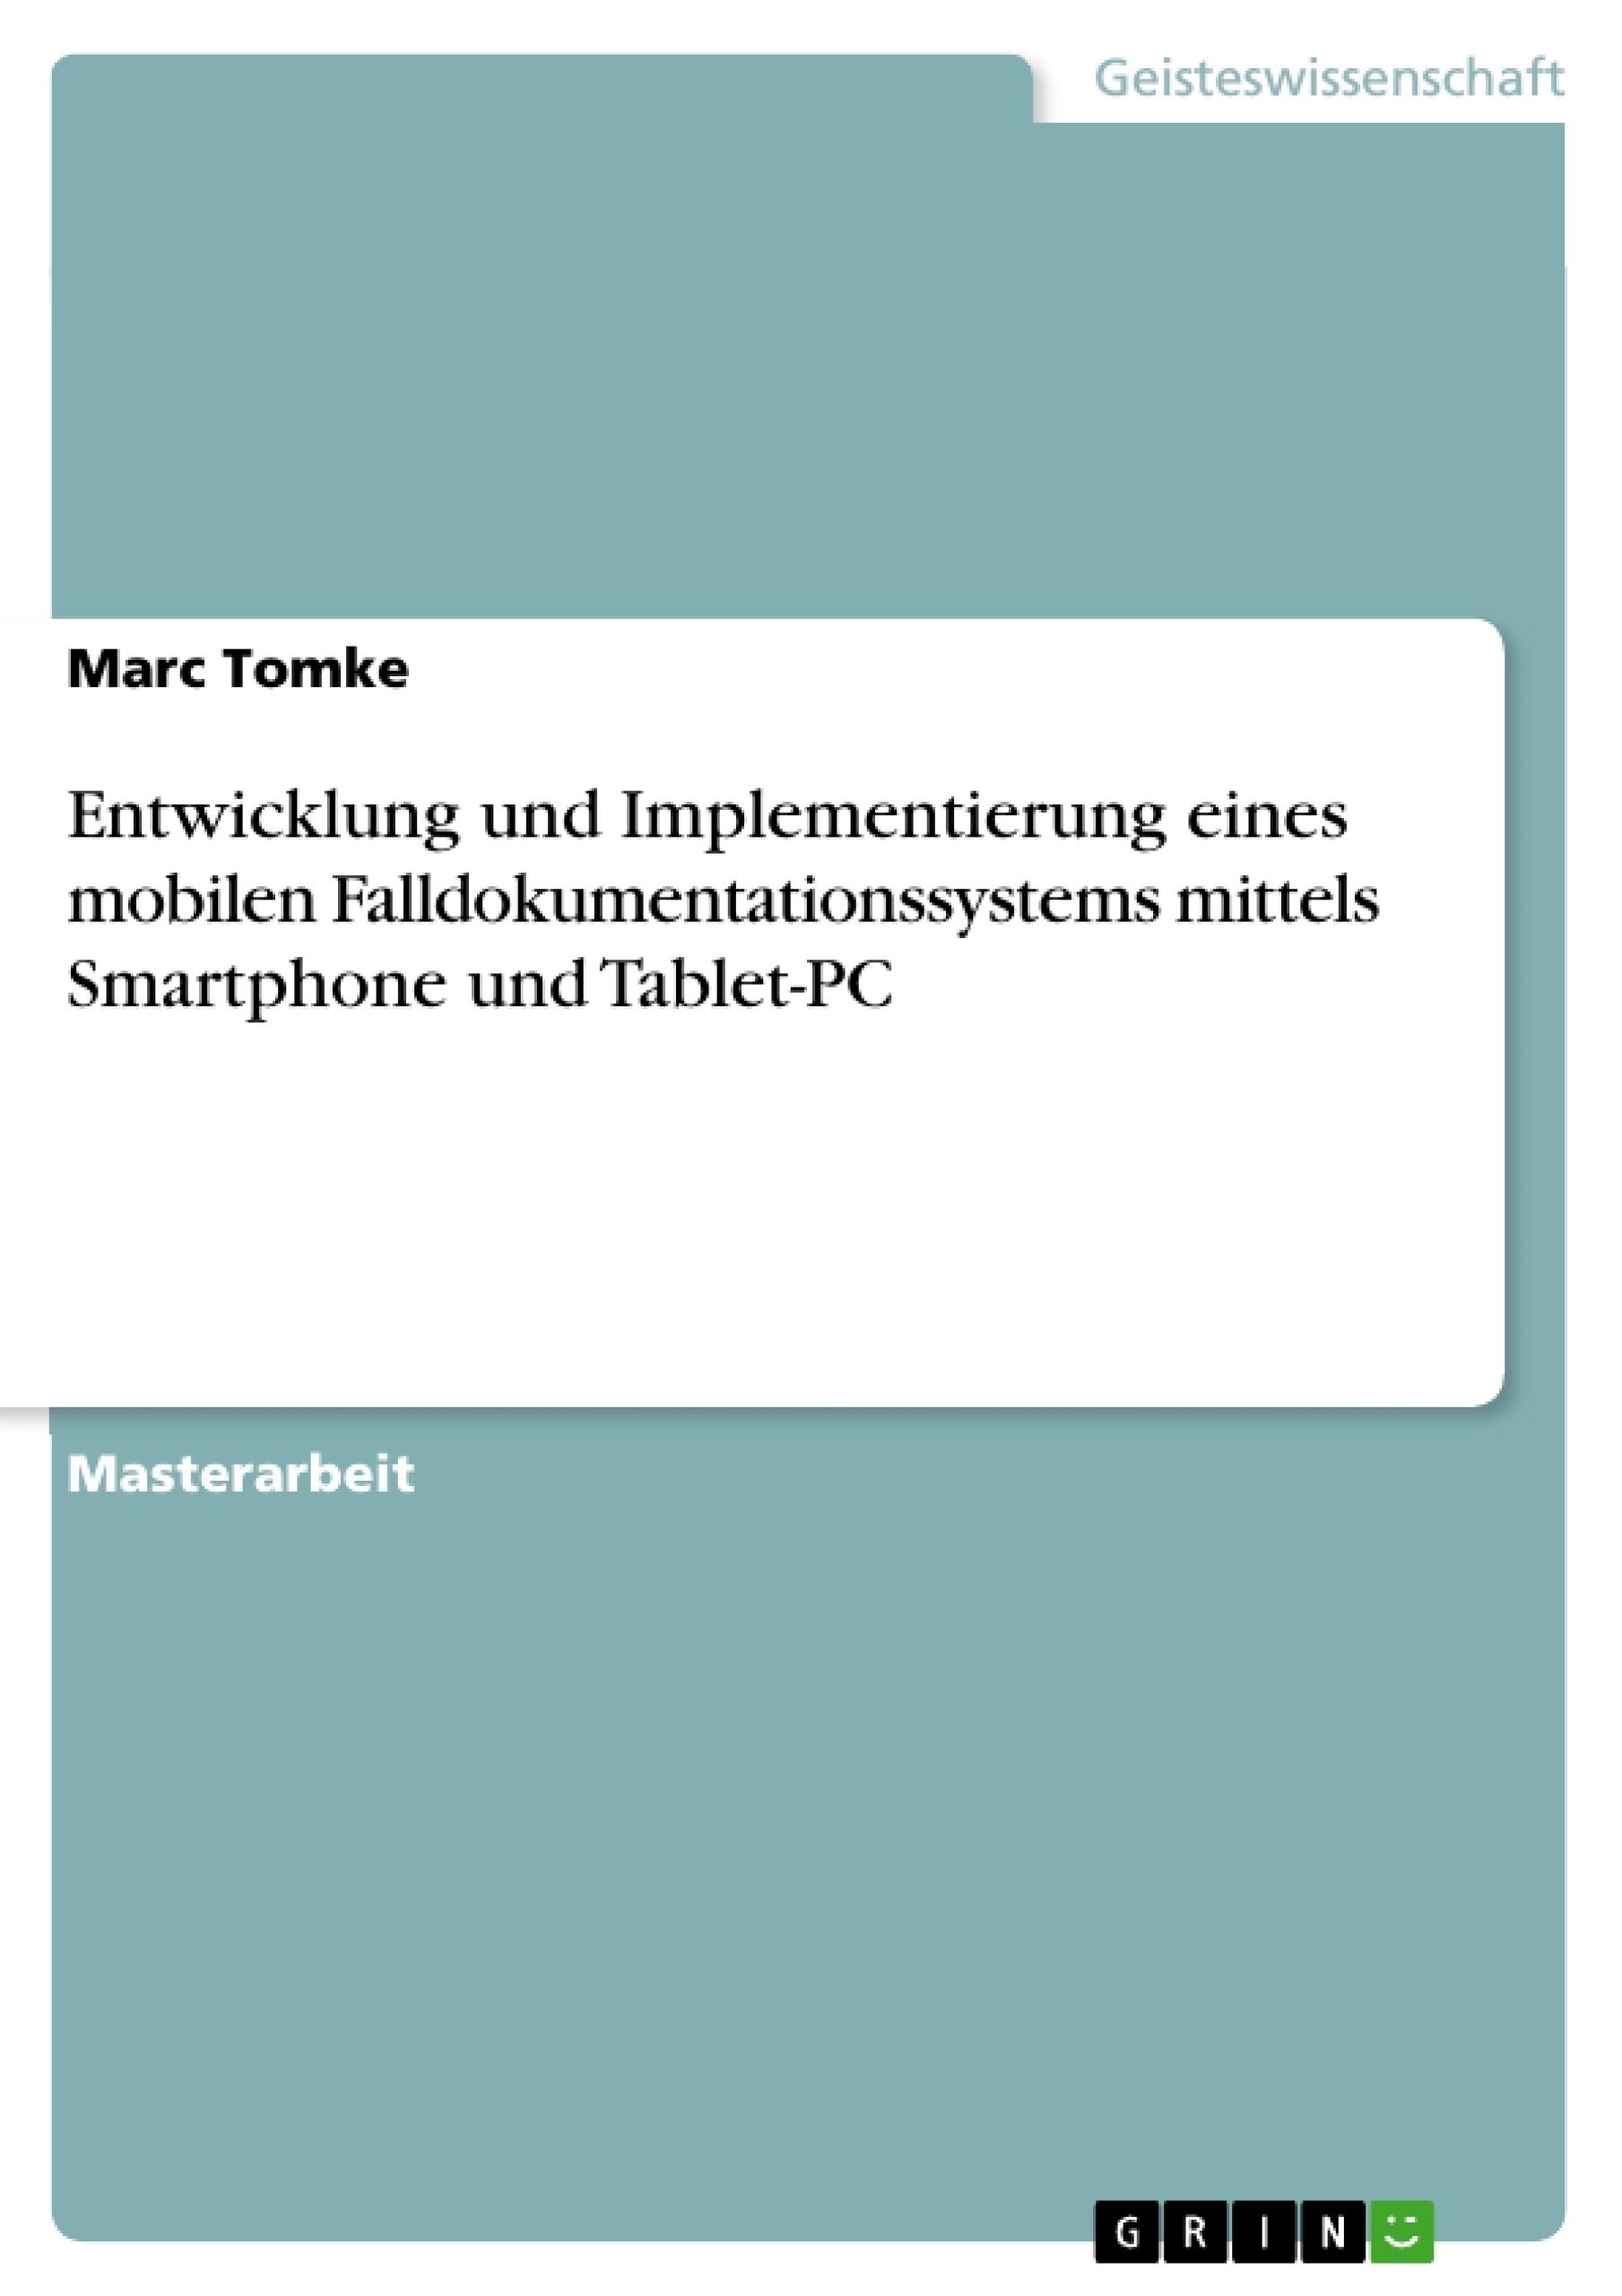 Titel: Entwicklung und Implementierung eines mobilen Falldokumentationssystems mittels Smartphone und Tablet-PC